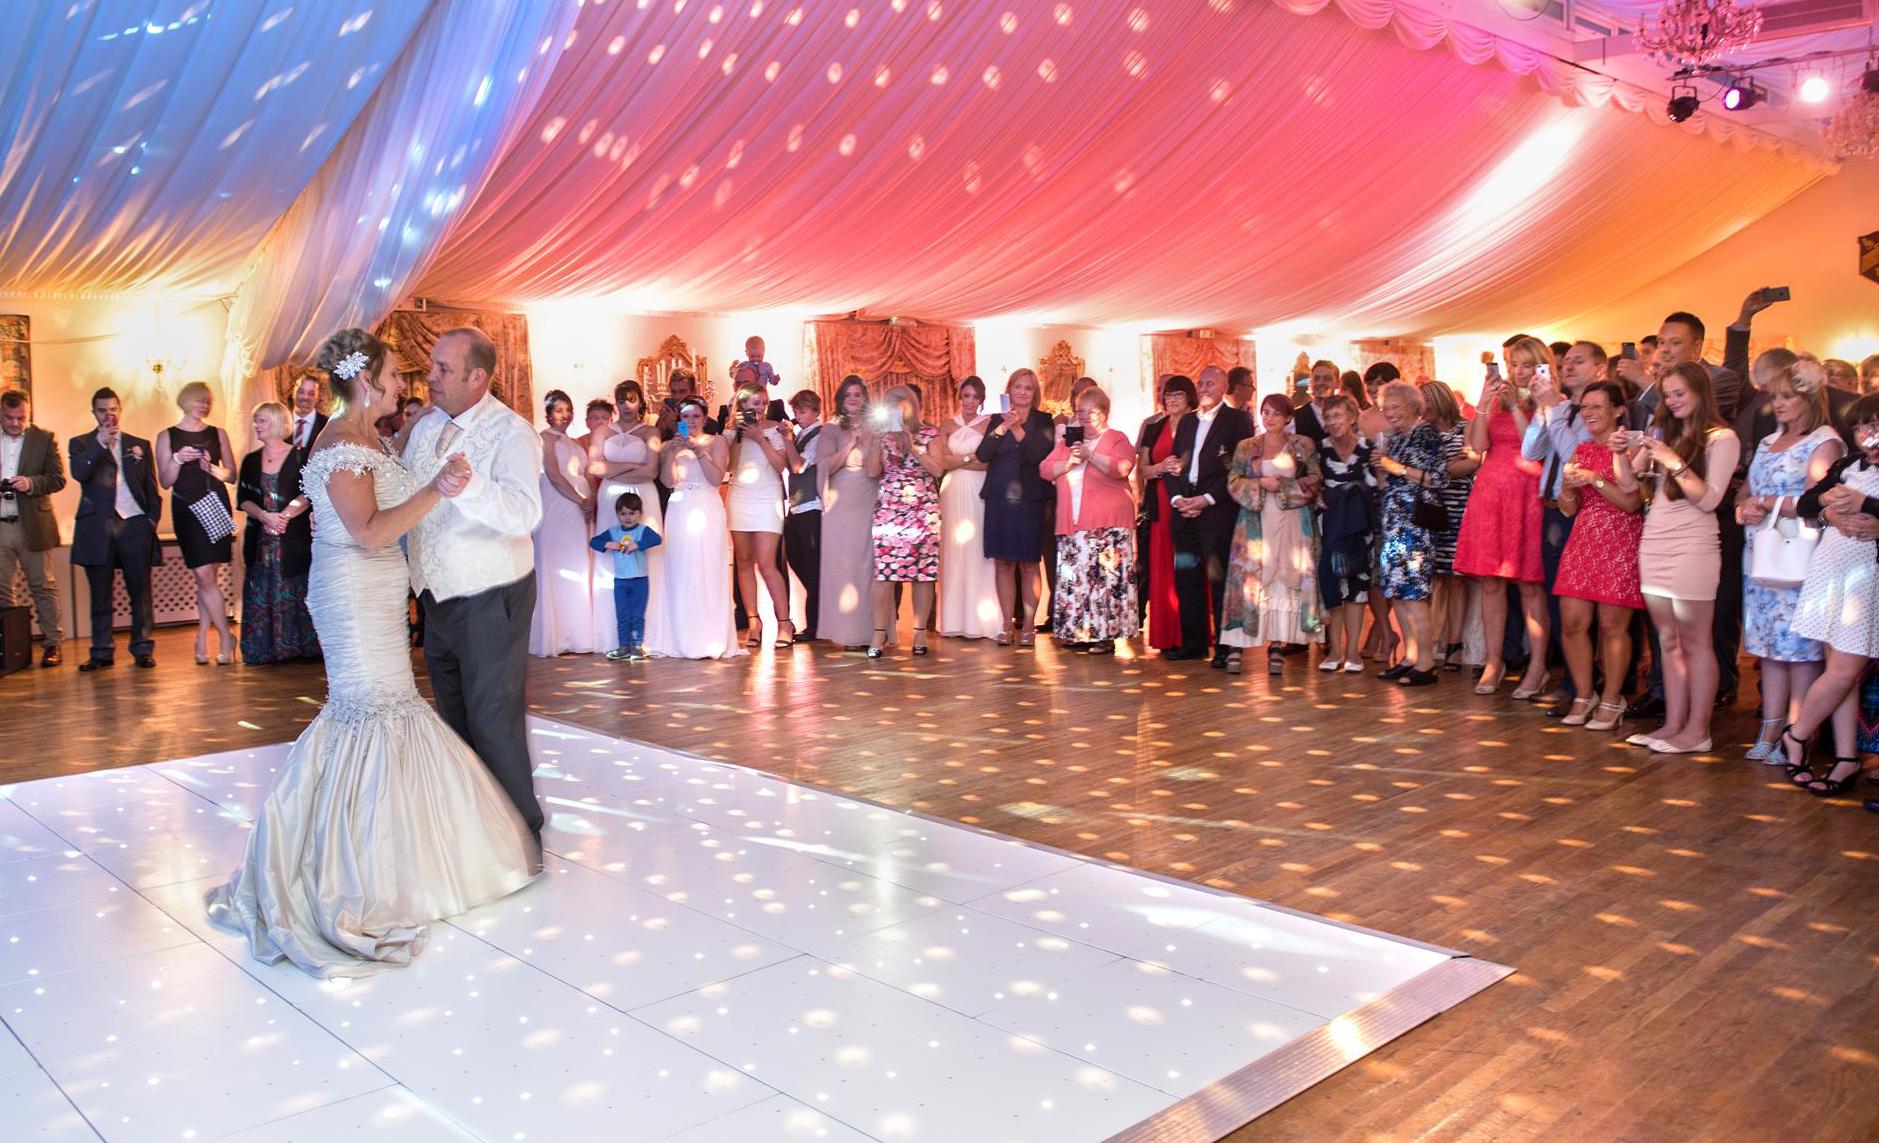 Wedding-Lighting-Dance-Floor-Hire.jpg